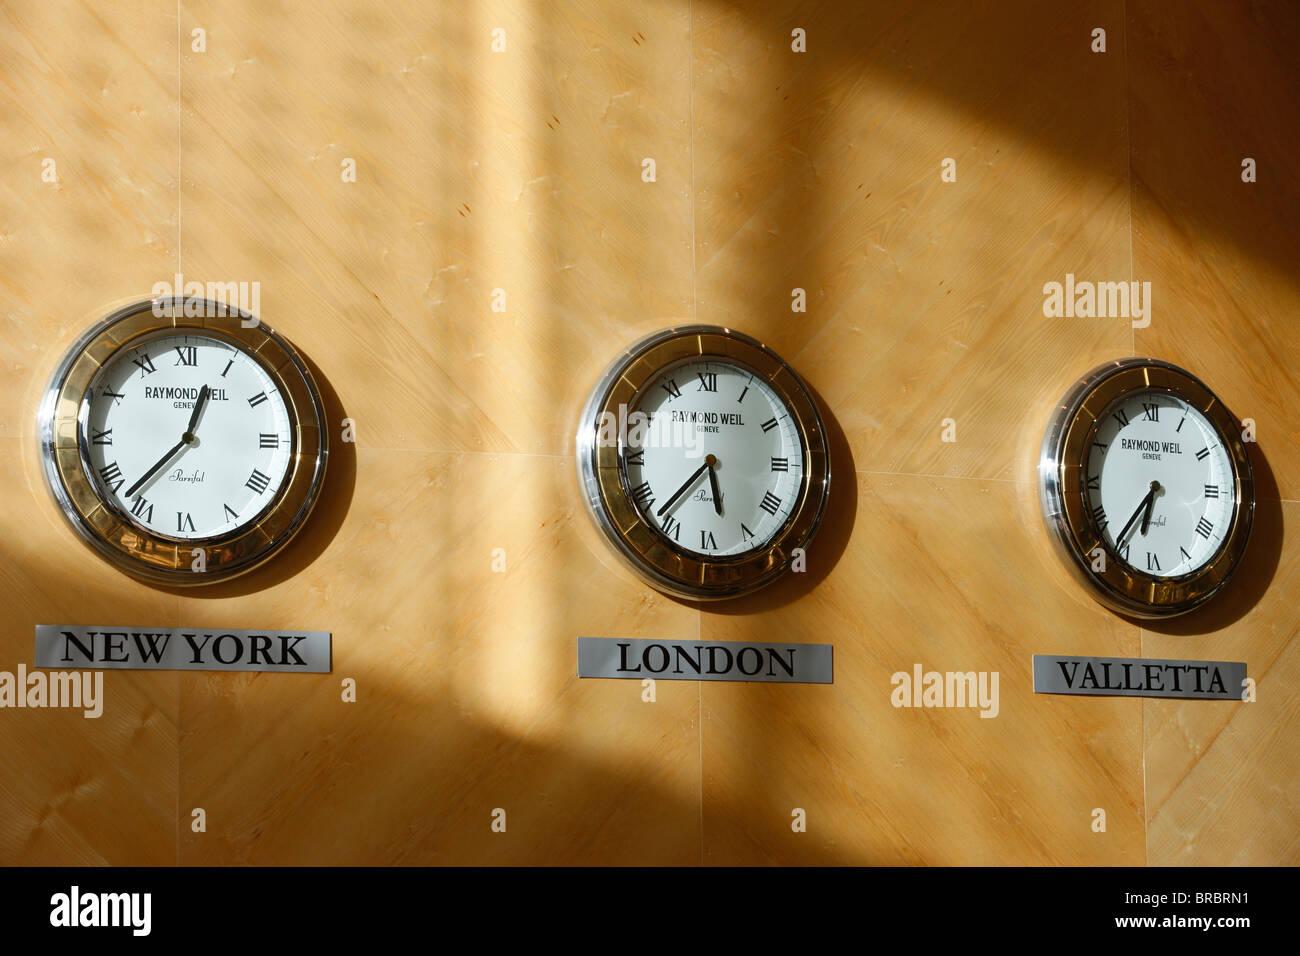 Hotel clocks, Valletta, Malta - Stock Image